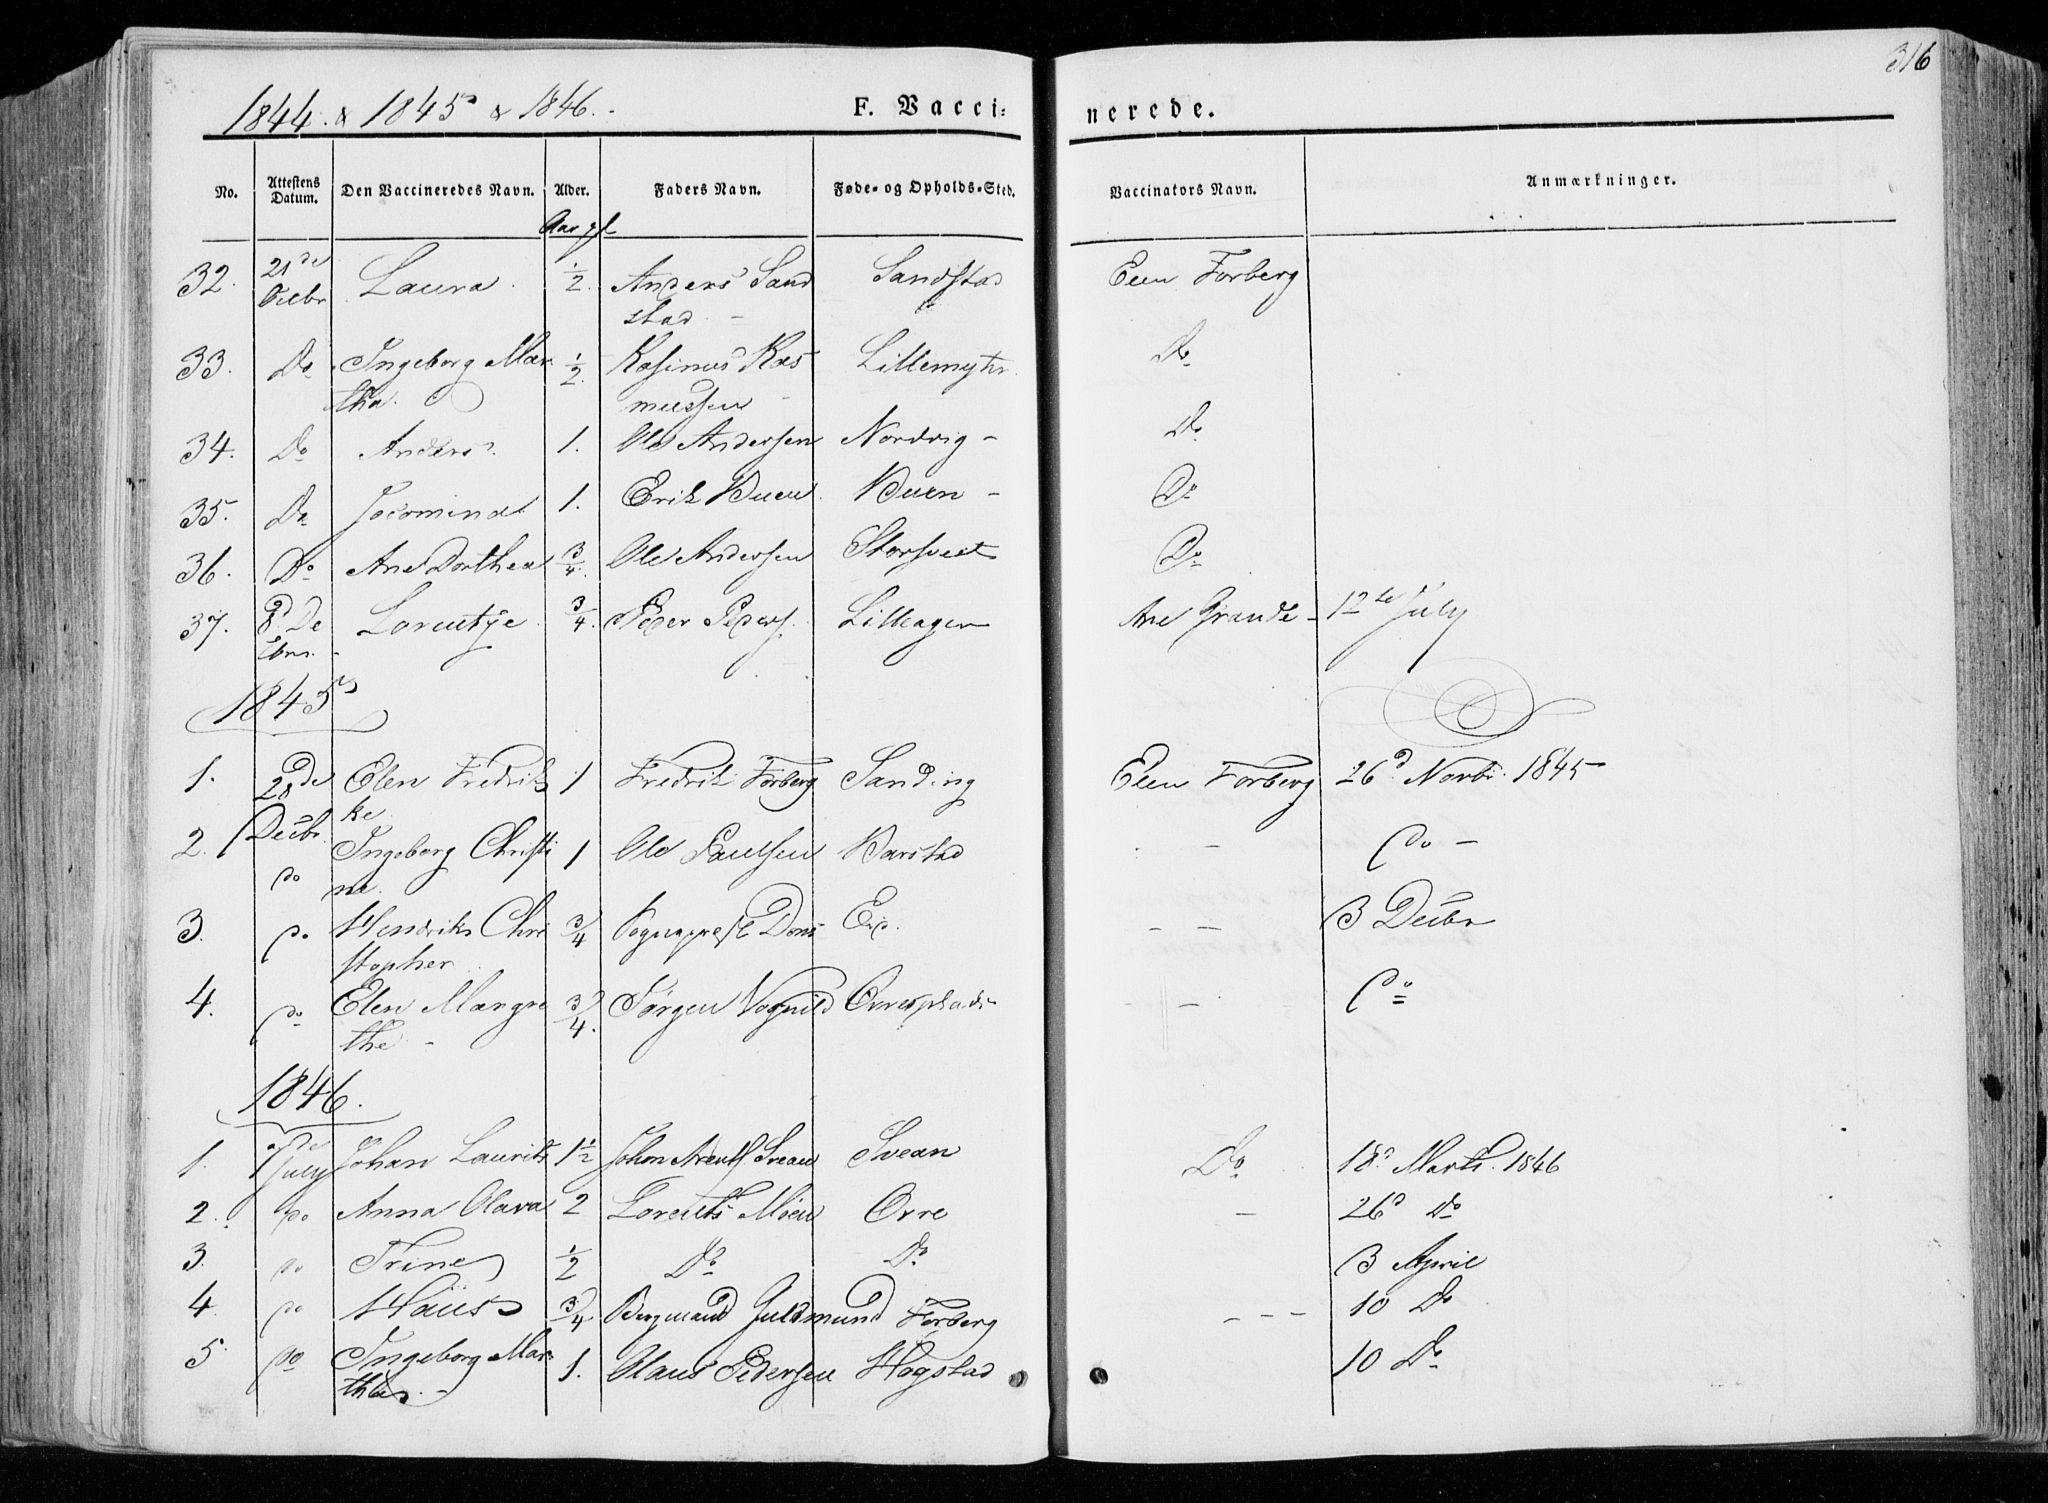 SAT, Ministerialprotokoller, klokkerbøker og fødselsregistre - Nord-Trøndelag, 722/L0218: Ministerialbok nr. 722A05, 1843-1868, s. 316